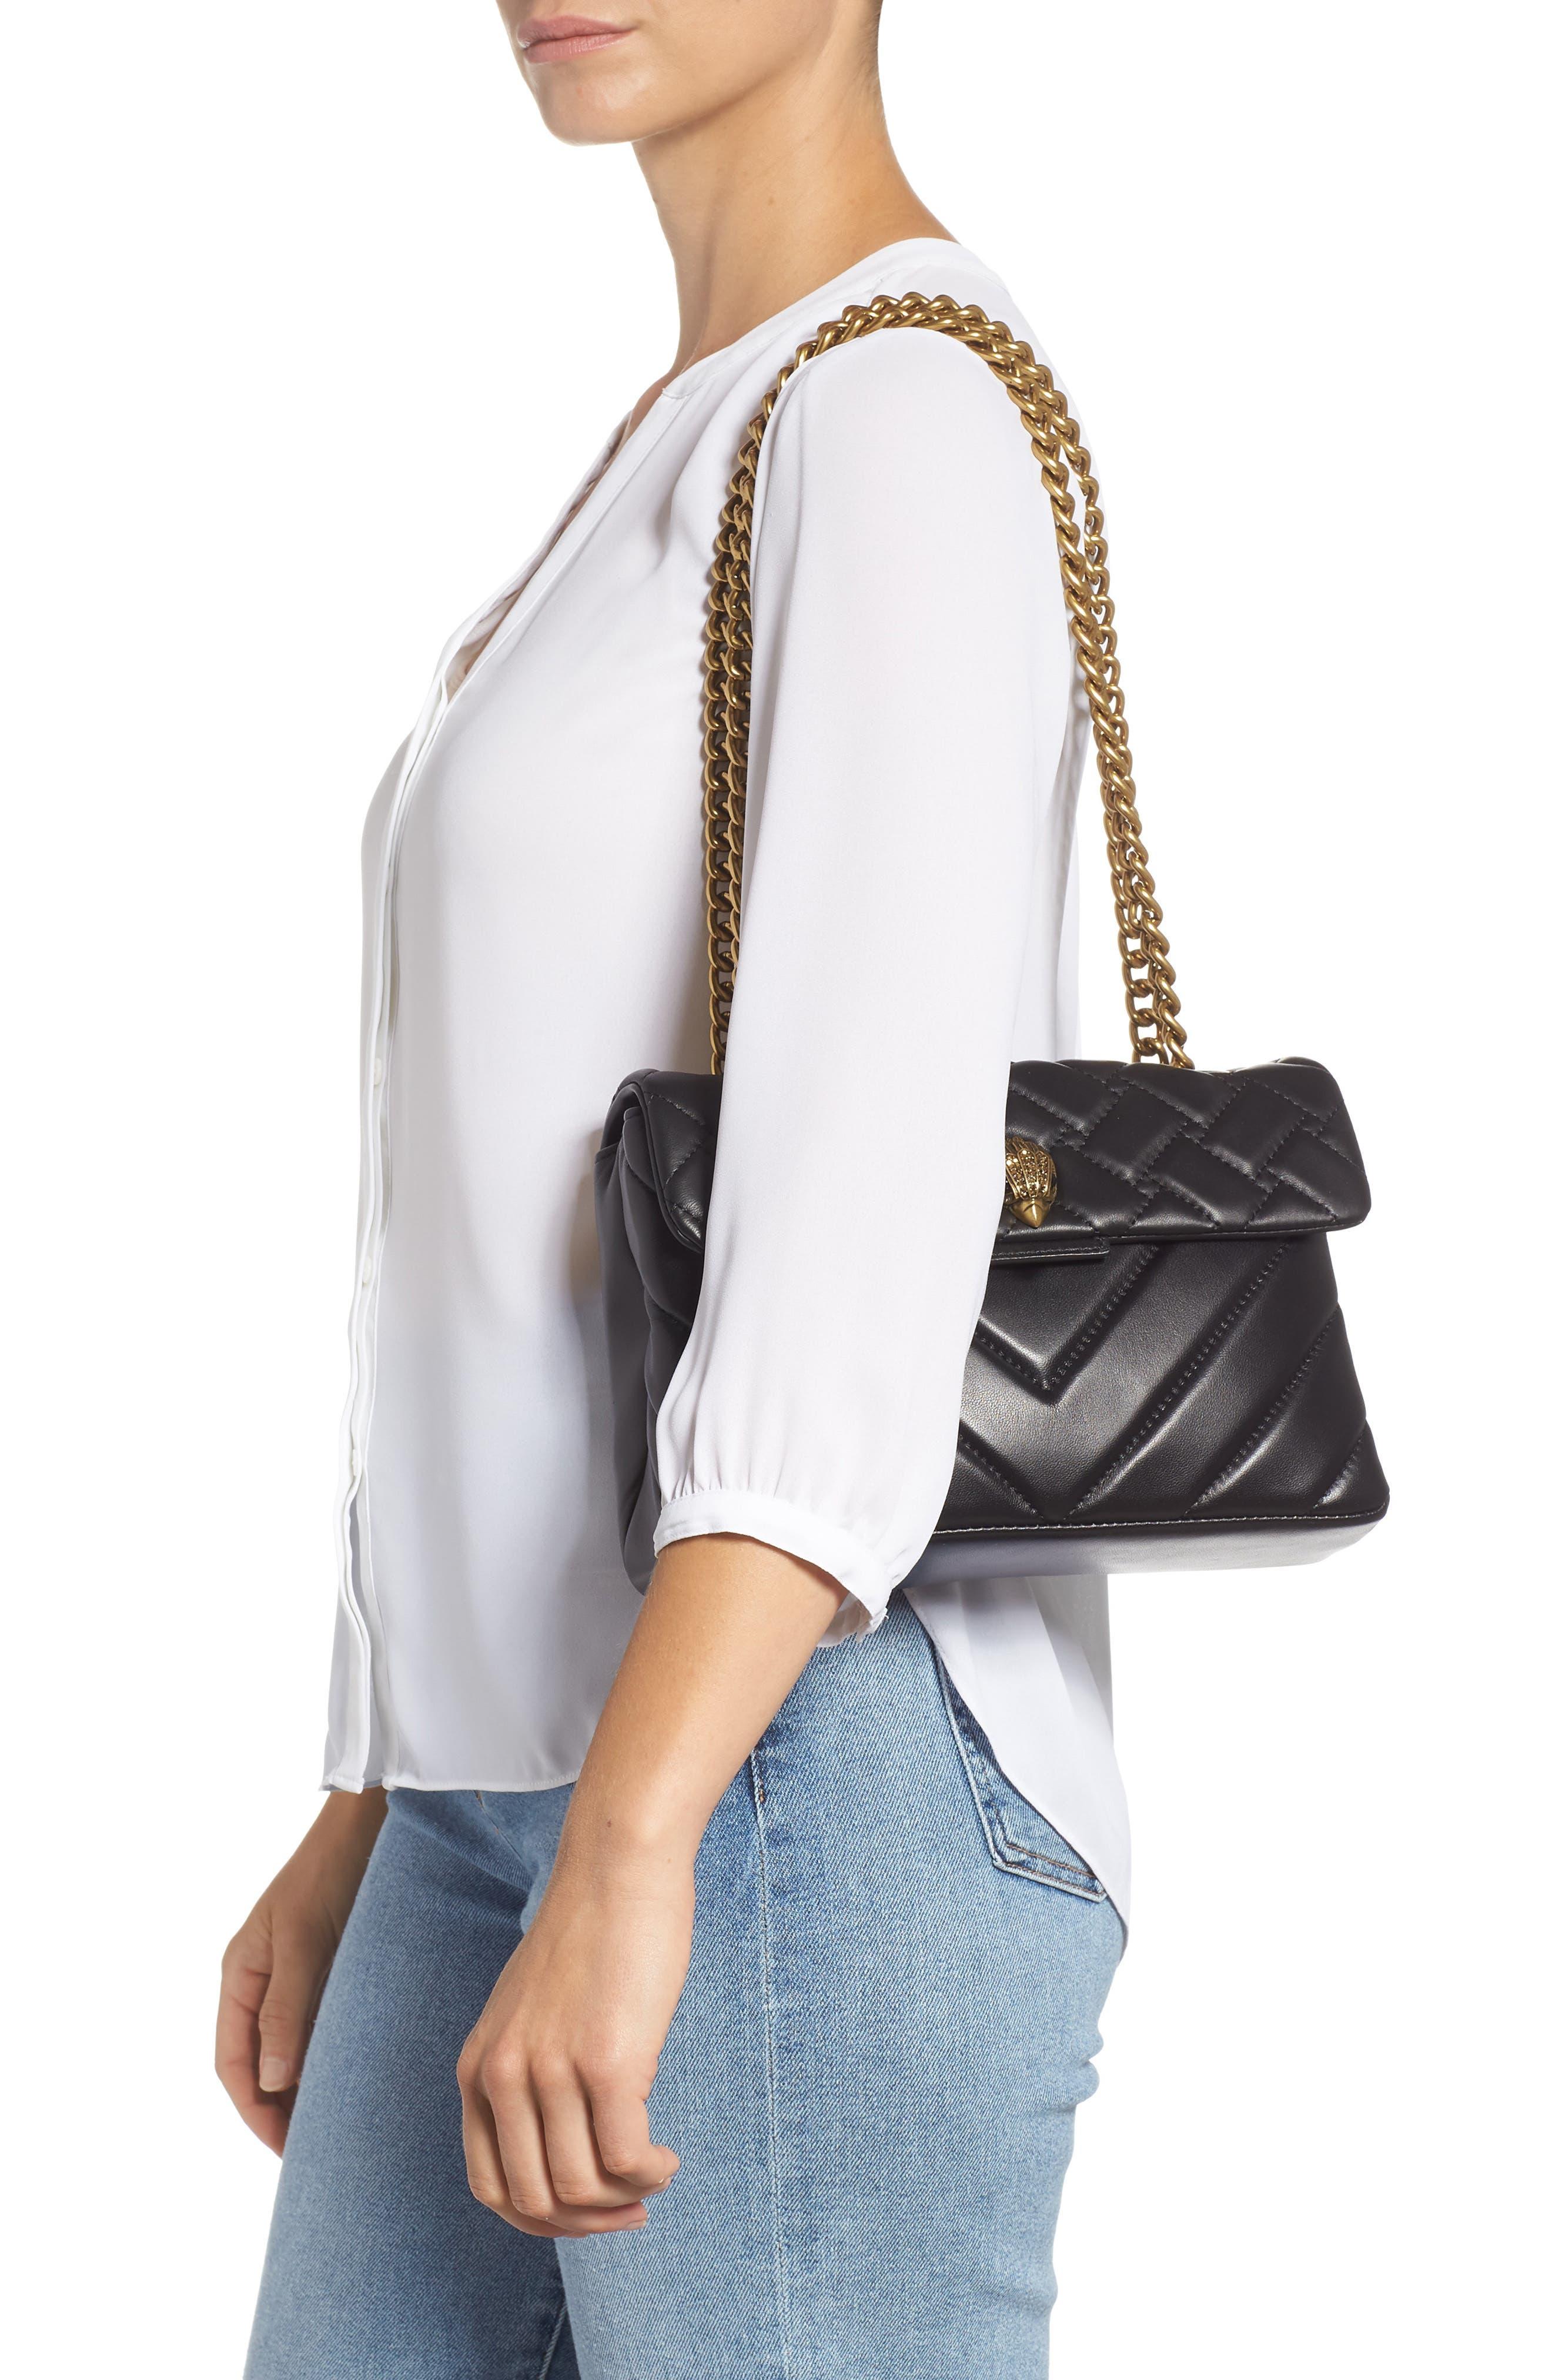 KURT GEIGER LONDON,                             Kensington Quilted Leather Shoulder Bag,                             Alternate thumbnail 2, color,                             BLACK